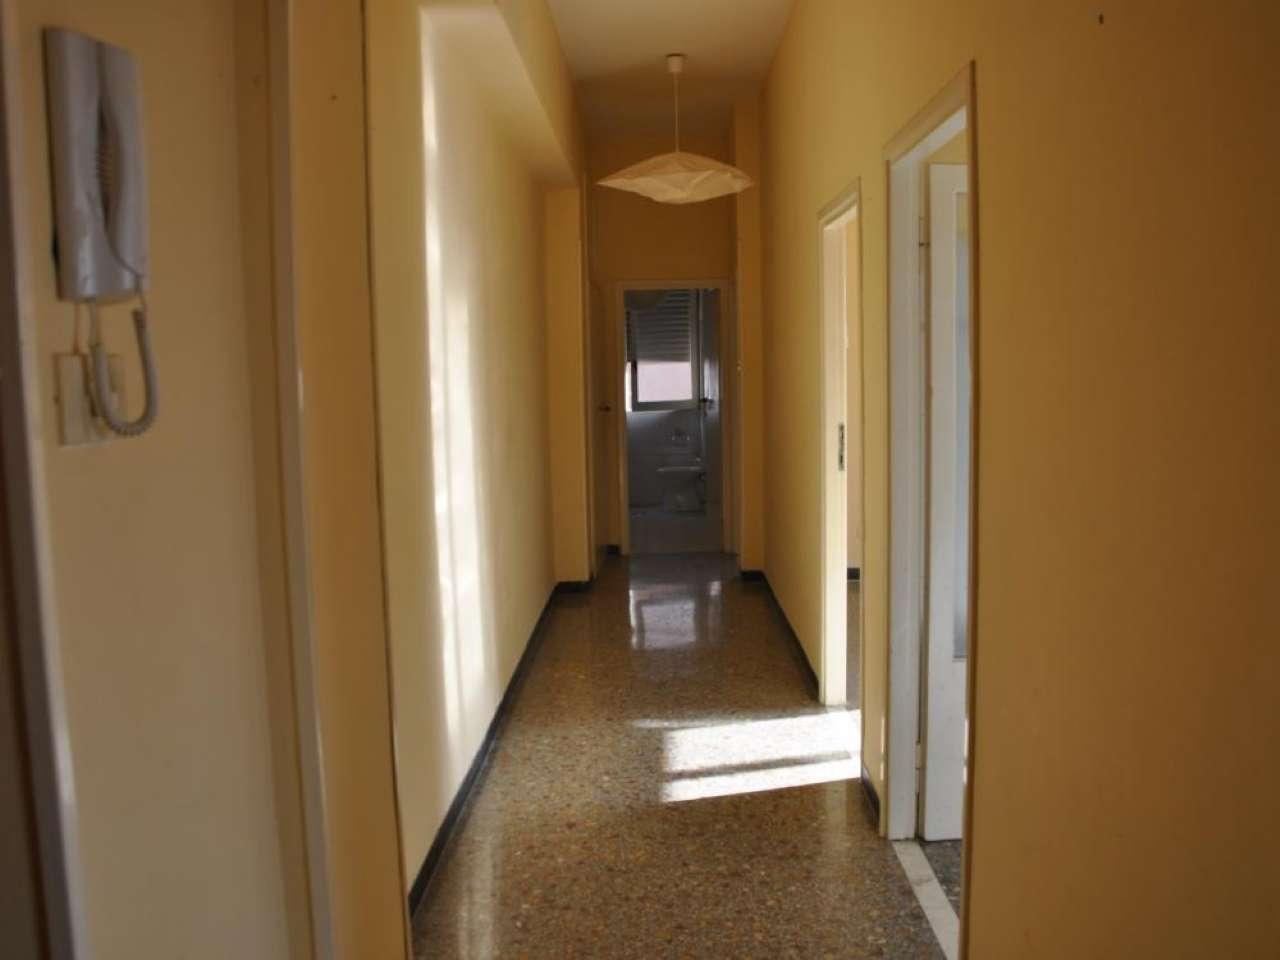 Appartamento in vendita a Roma, 3 locali, zona Zona: 29 . Balduina, Montemario, Sant'Onofrio, Trionfale, Camilluccia, Cortina d'Ampezzo, prezzo € 180.000   CambioCasa.it